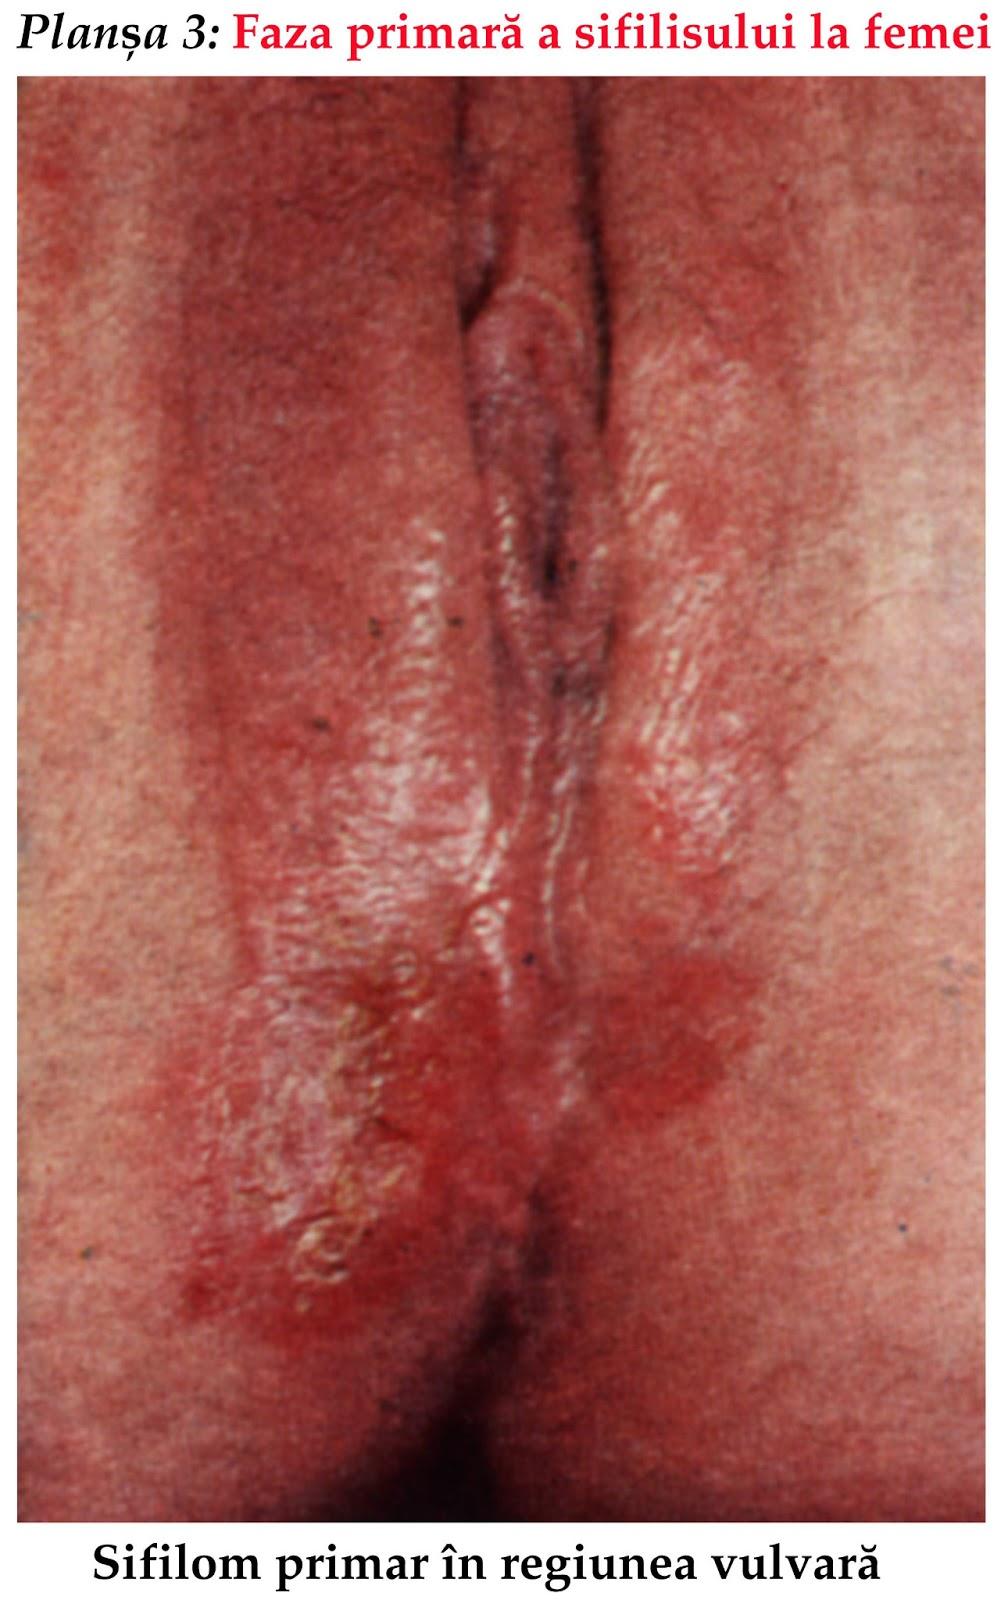 enfermedad de transmision sexual sifilis: